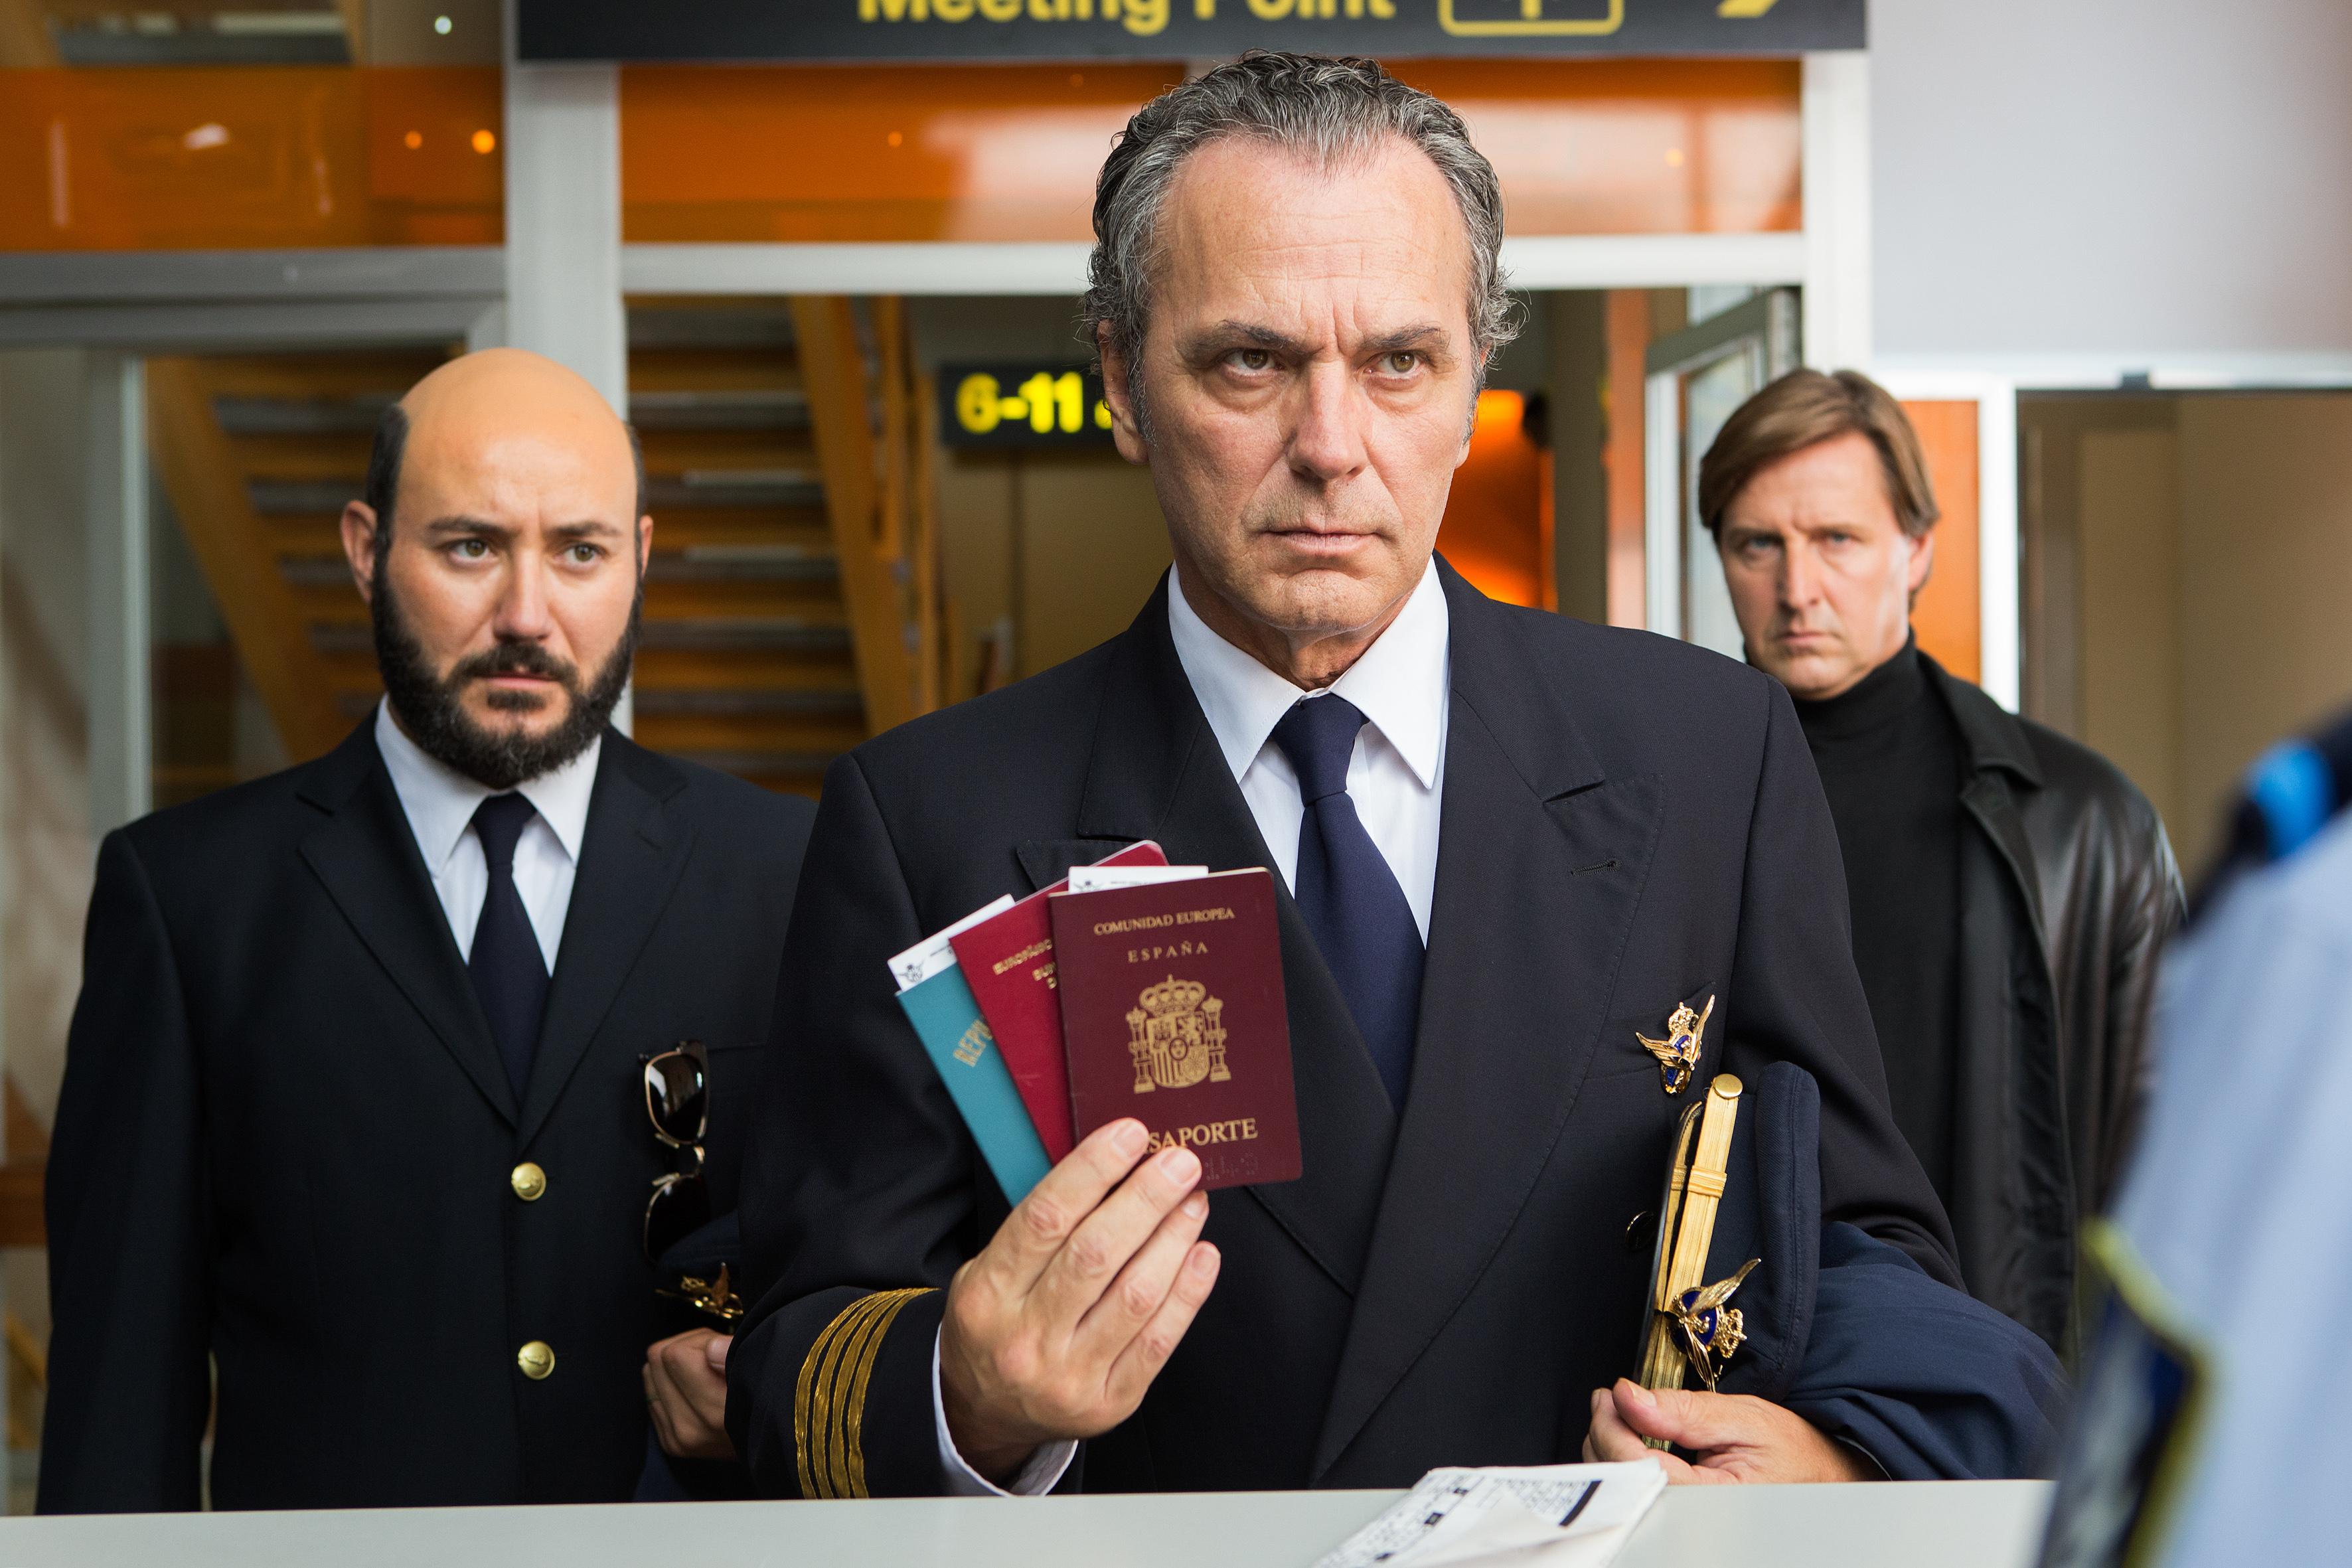 Jose Coronado, Carlos Santos, and Christian Stamm in El hombre de las mil caras (2016)